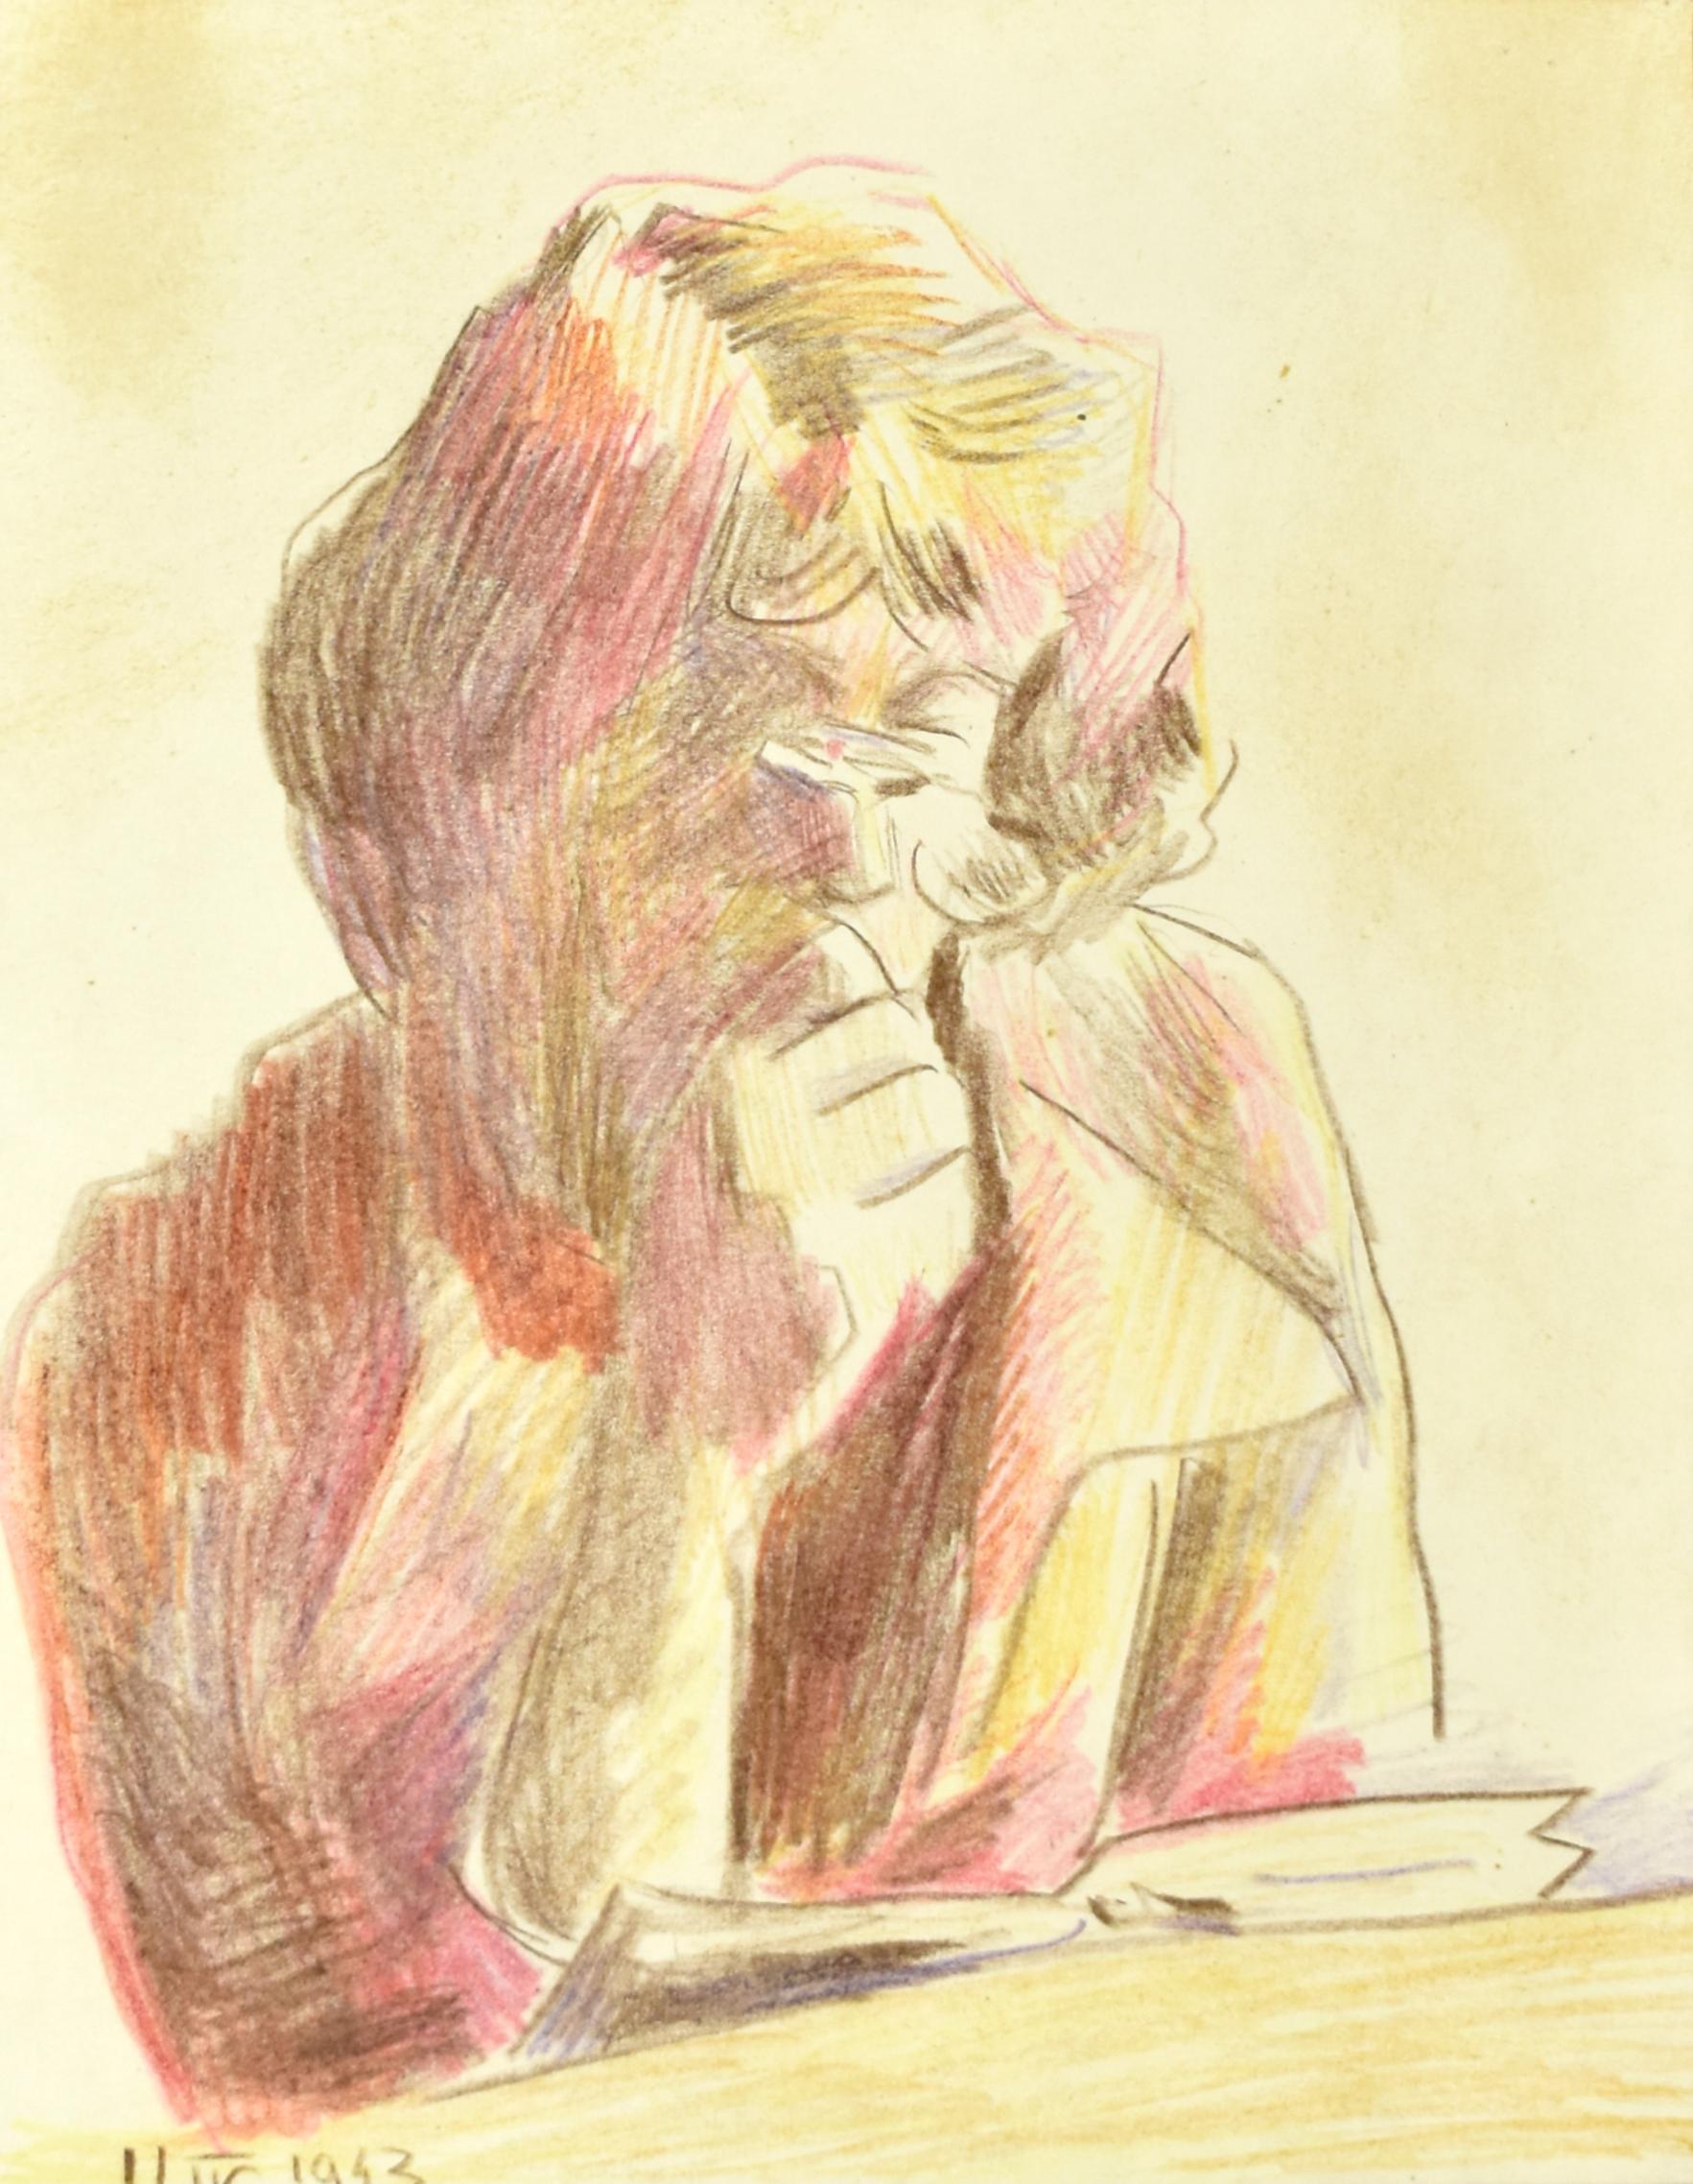 Kobieta czytająca książkę, 11 IV 1943